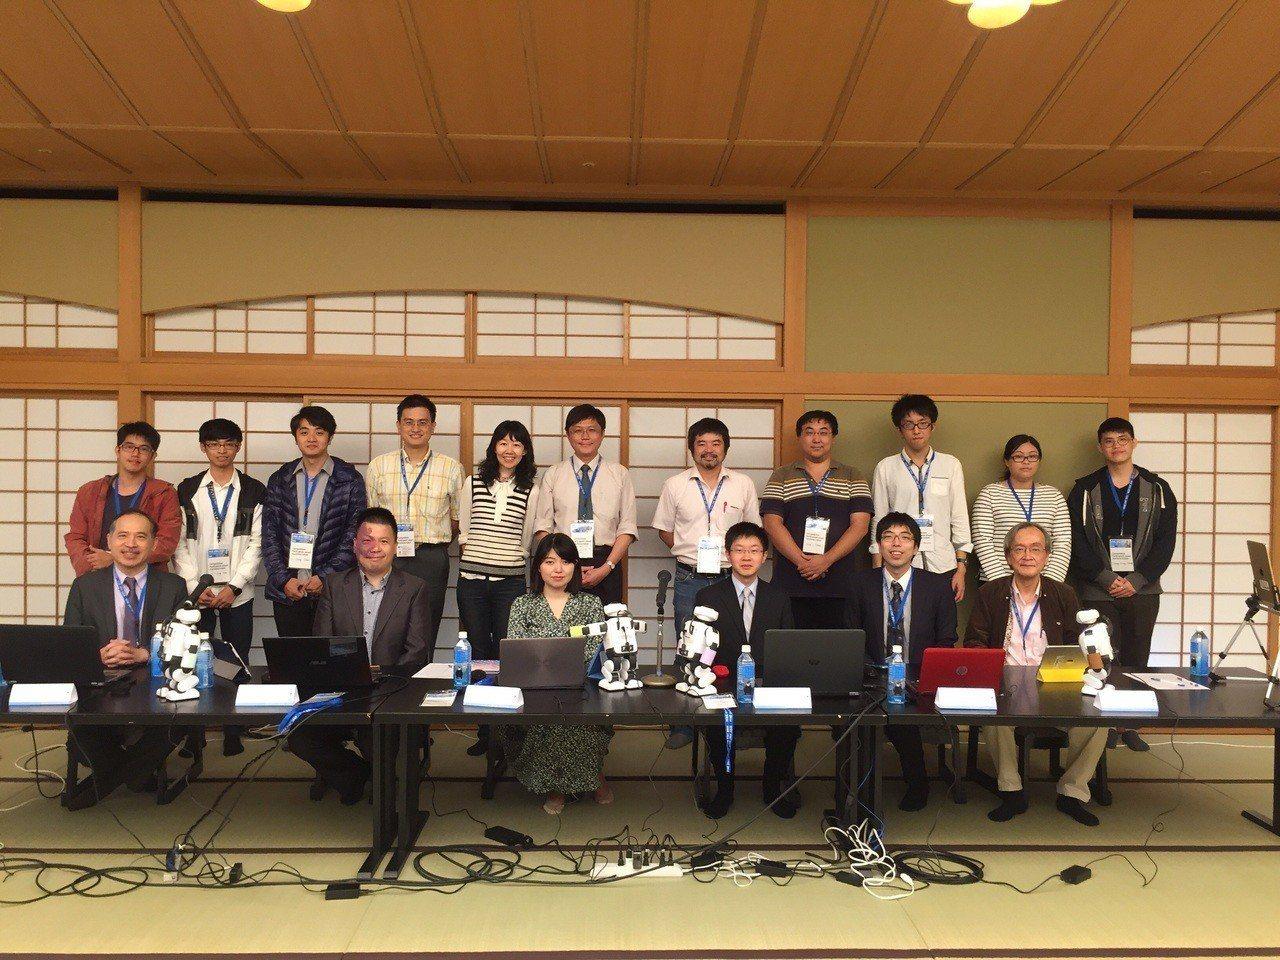 台南的專業棋士齊聚一堂,與AI圍棋老師共同砌磋。圖/南大提供